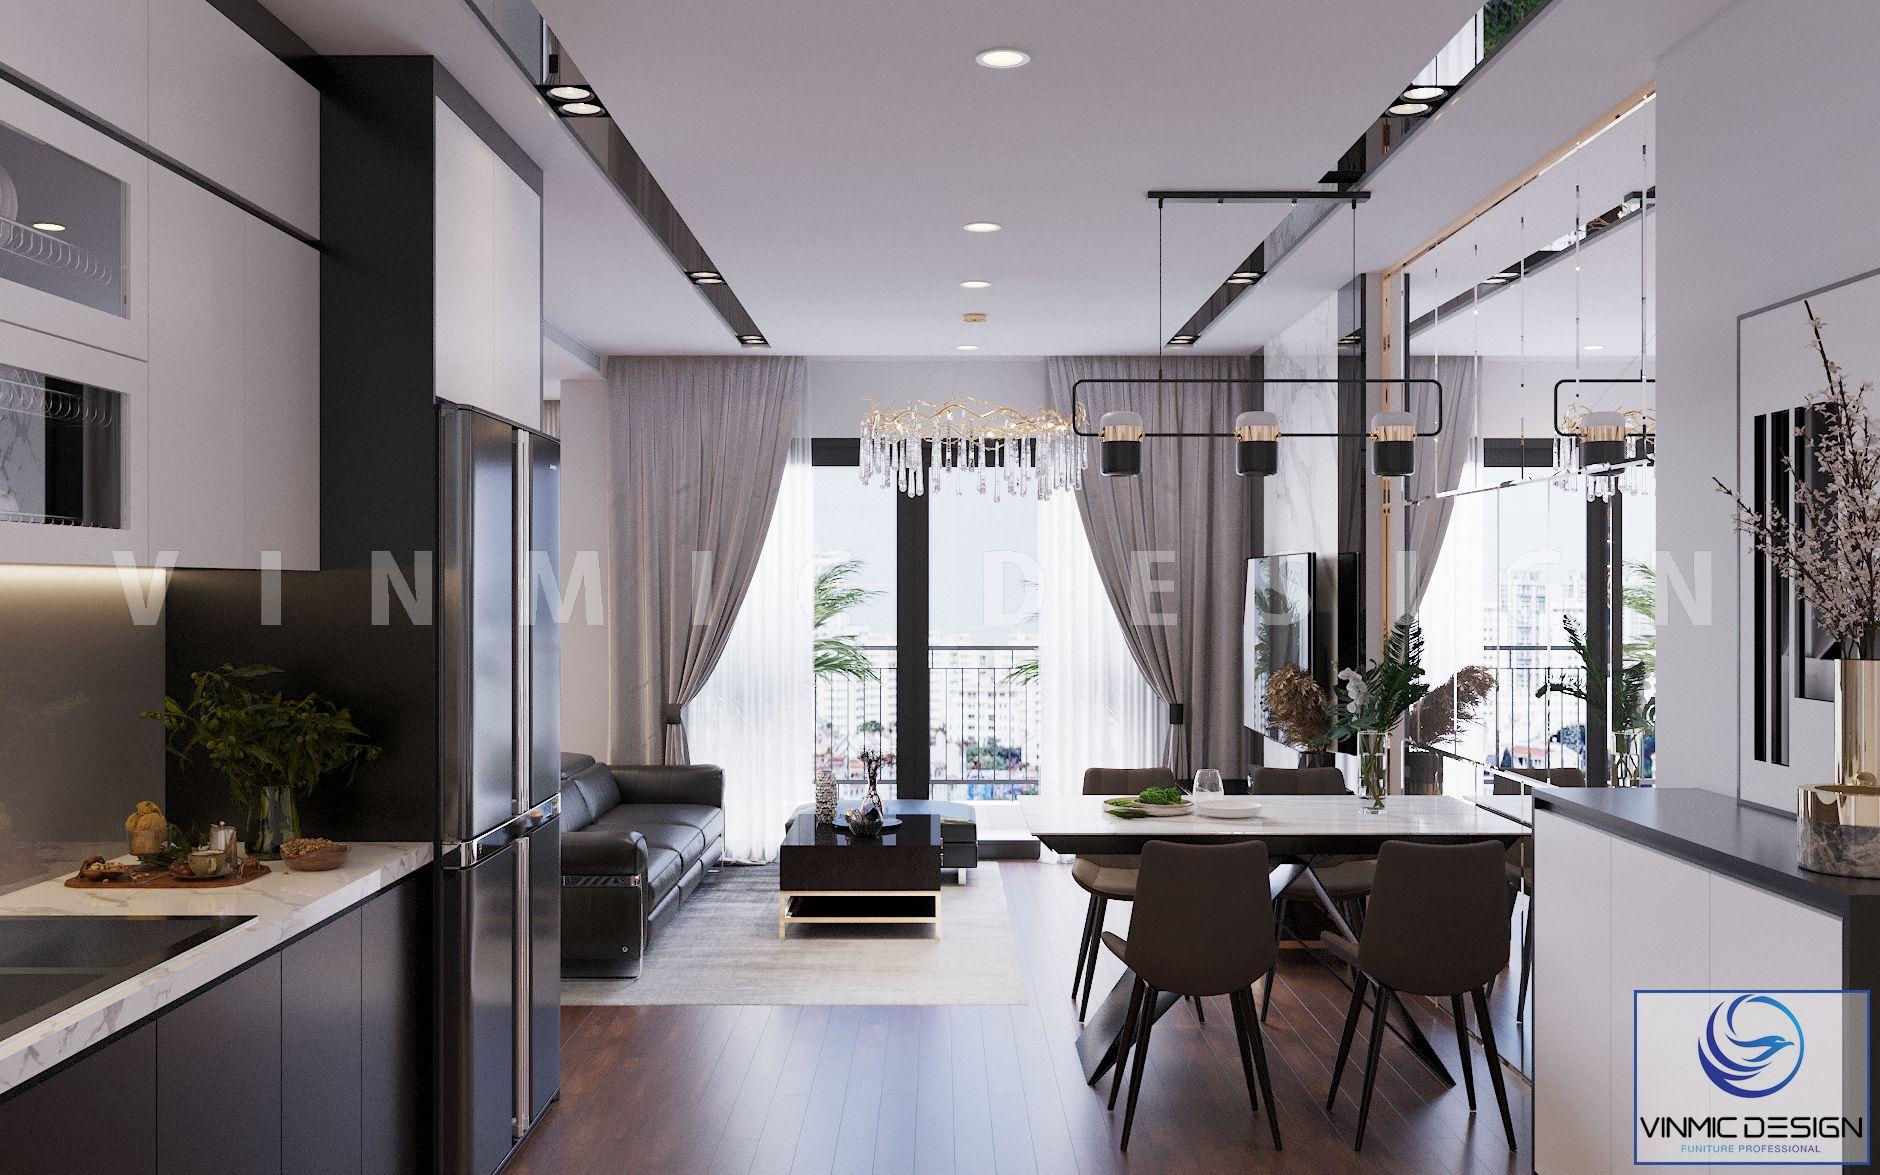 Phòng khách và bếp được thiết kế tiện ích, tận dụng hết công năng căn hộ